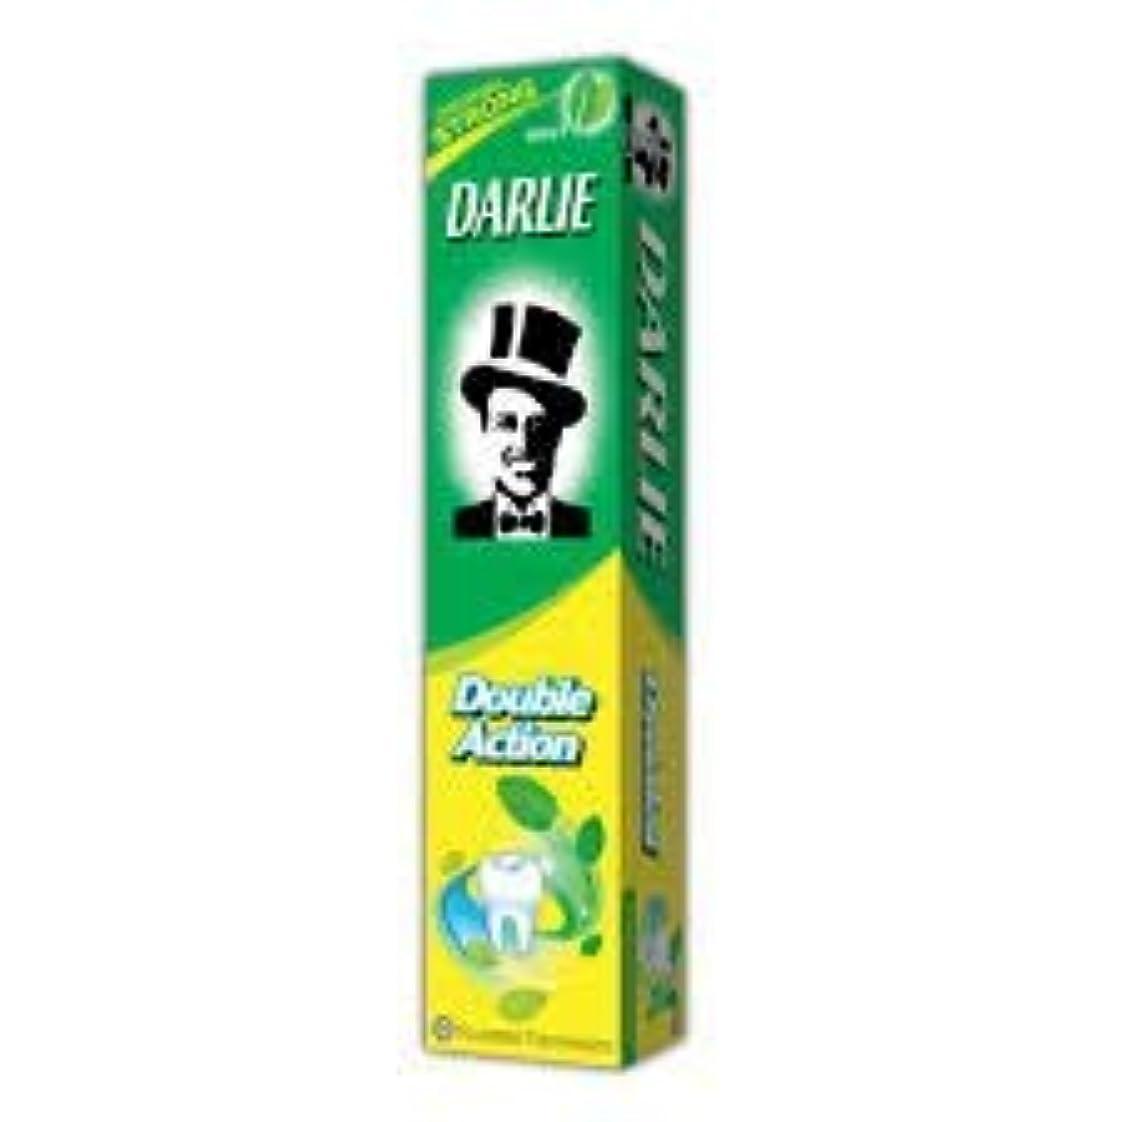 普通のスポークスマン惑星DARLIE 歯磨き粉ジャンボ 250g-12 時間のためのより長く持続する新鮮な息を与える-効果的に経口細菌を減少させます